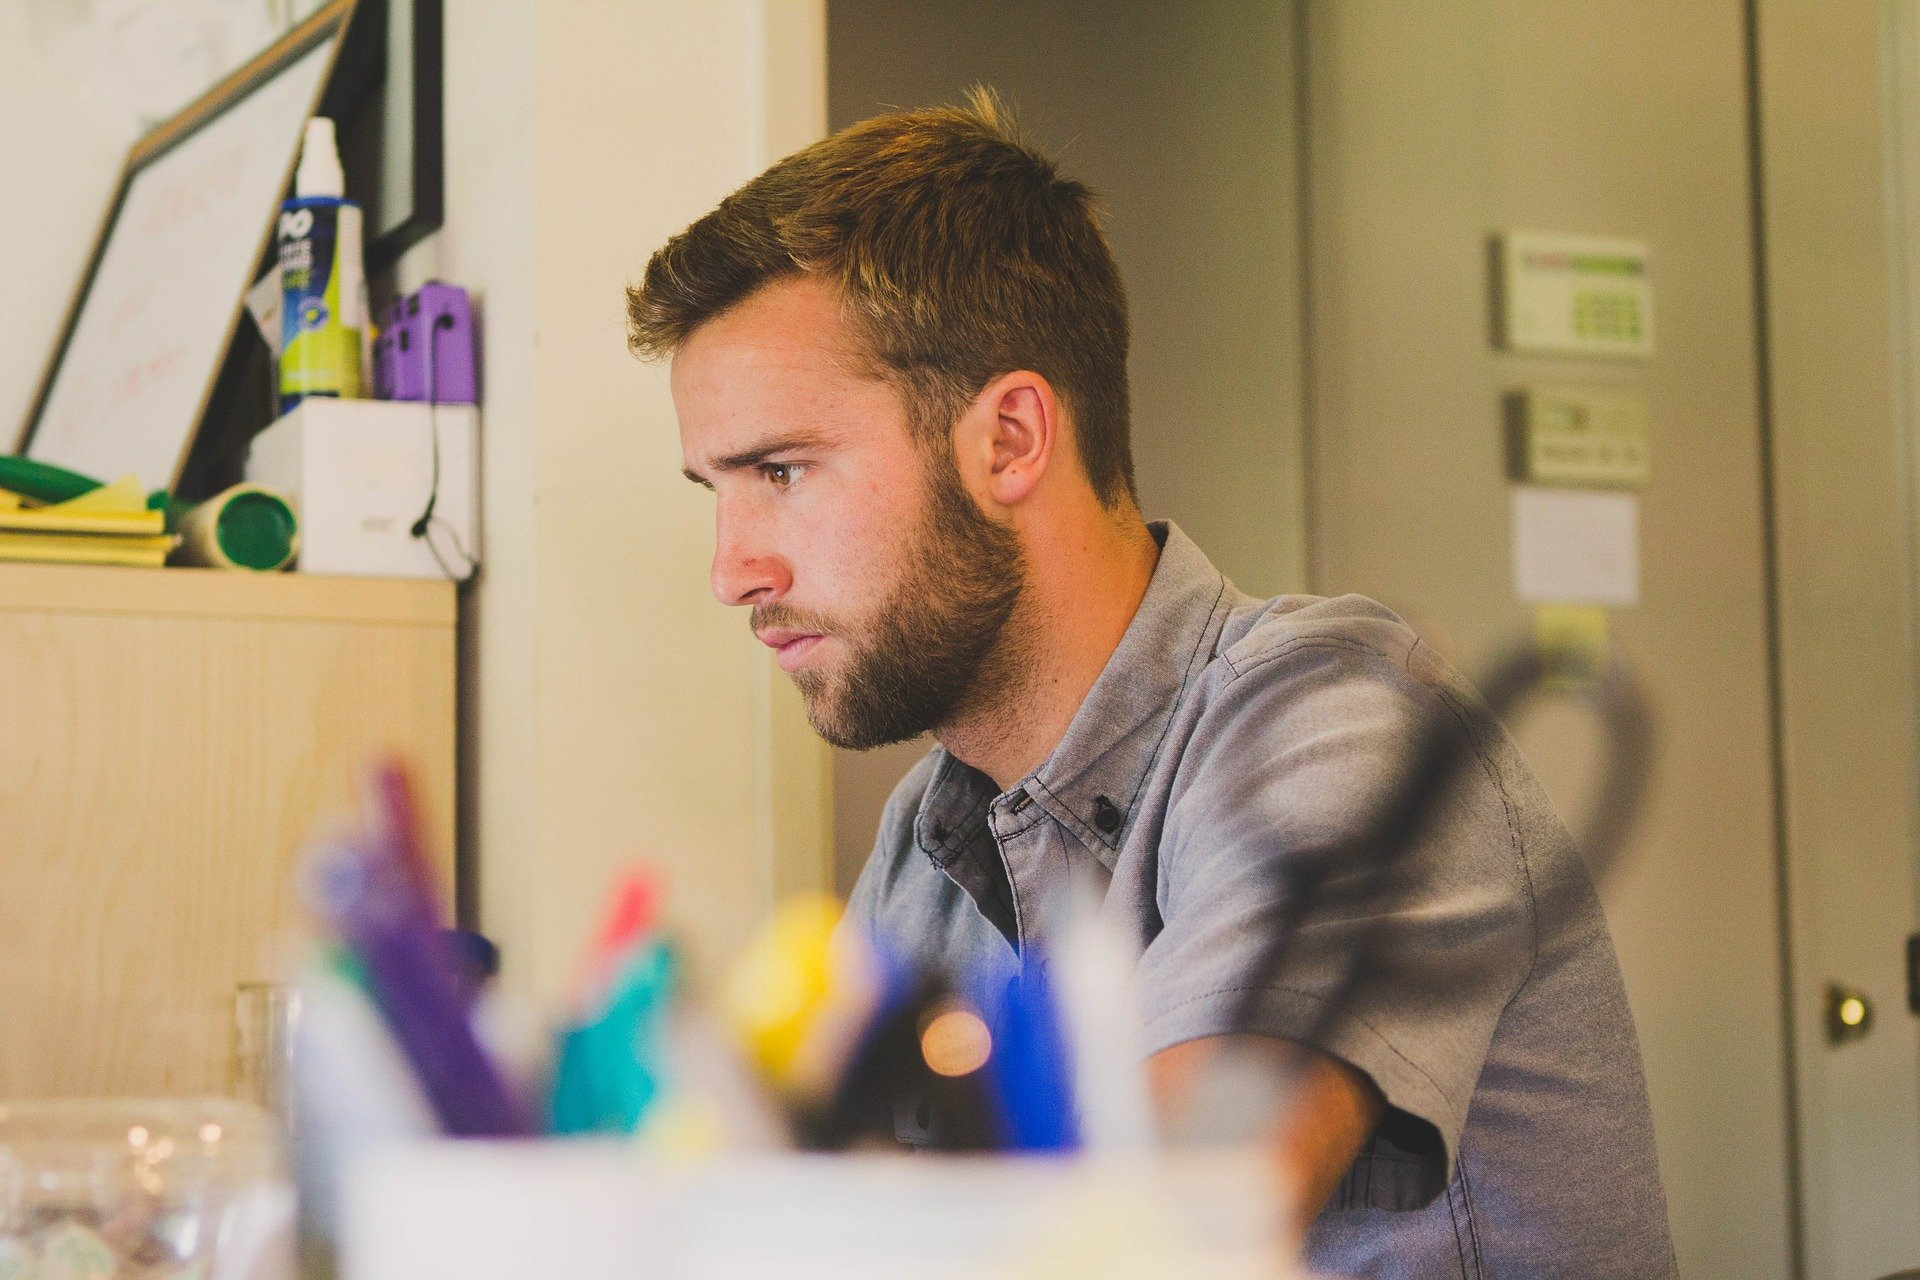 Concentracion trabajo